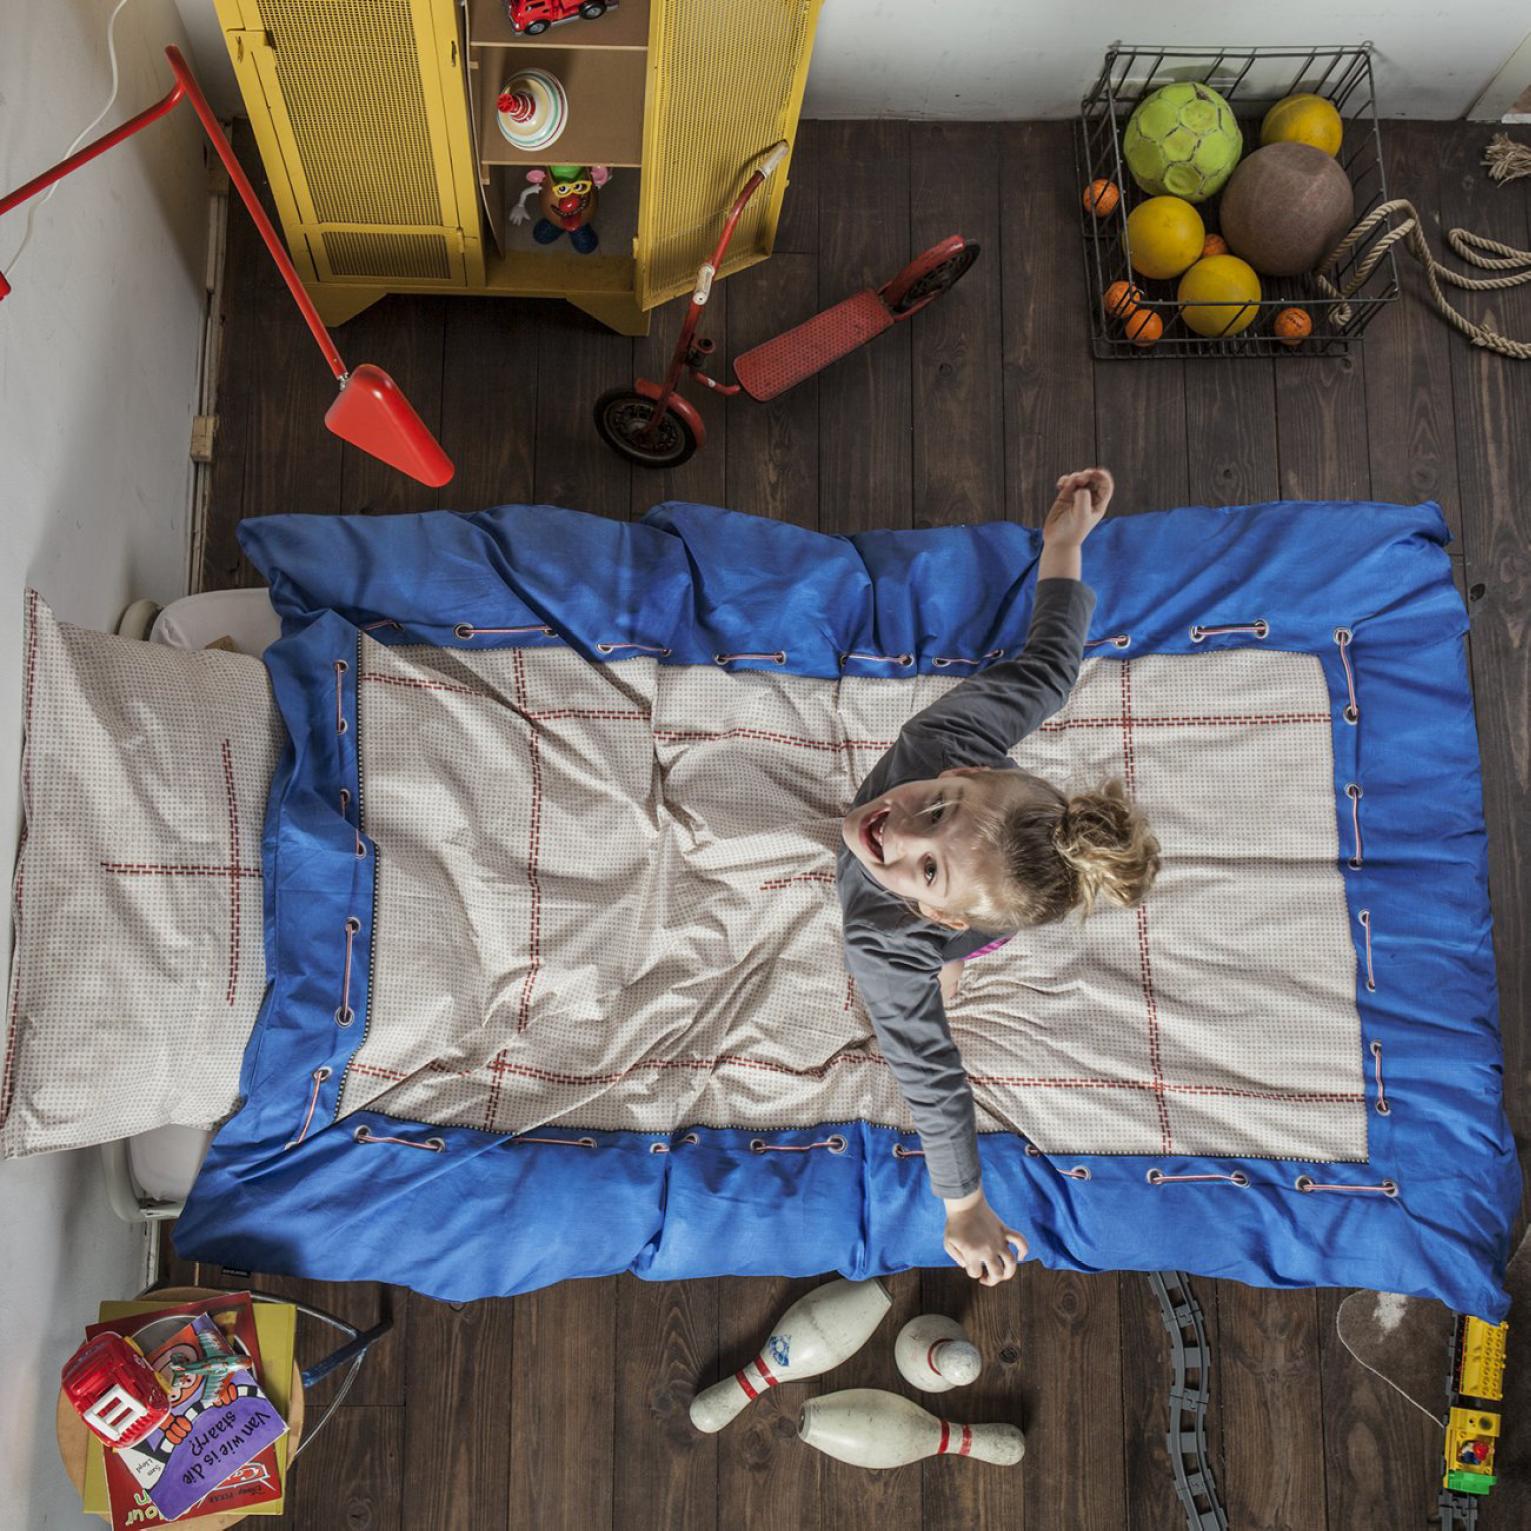 Monestiko olet kieltänyt sängyllä pomppimisen? Snork-merkin trampoliini-vuodevaatesetti muistuttaa trampoliinia, ja kuka tietää jos kotonanne kasvaa voimistelijan alku?